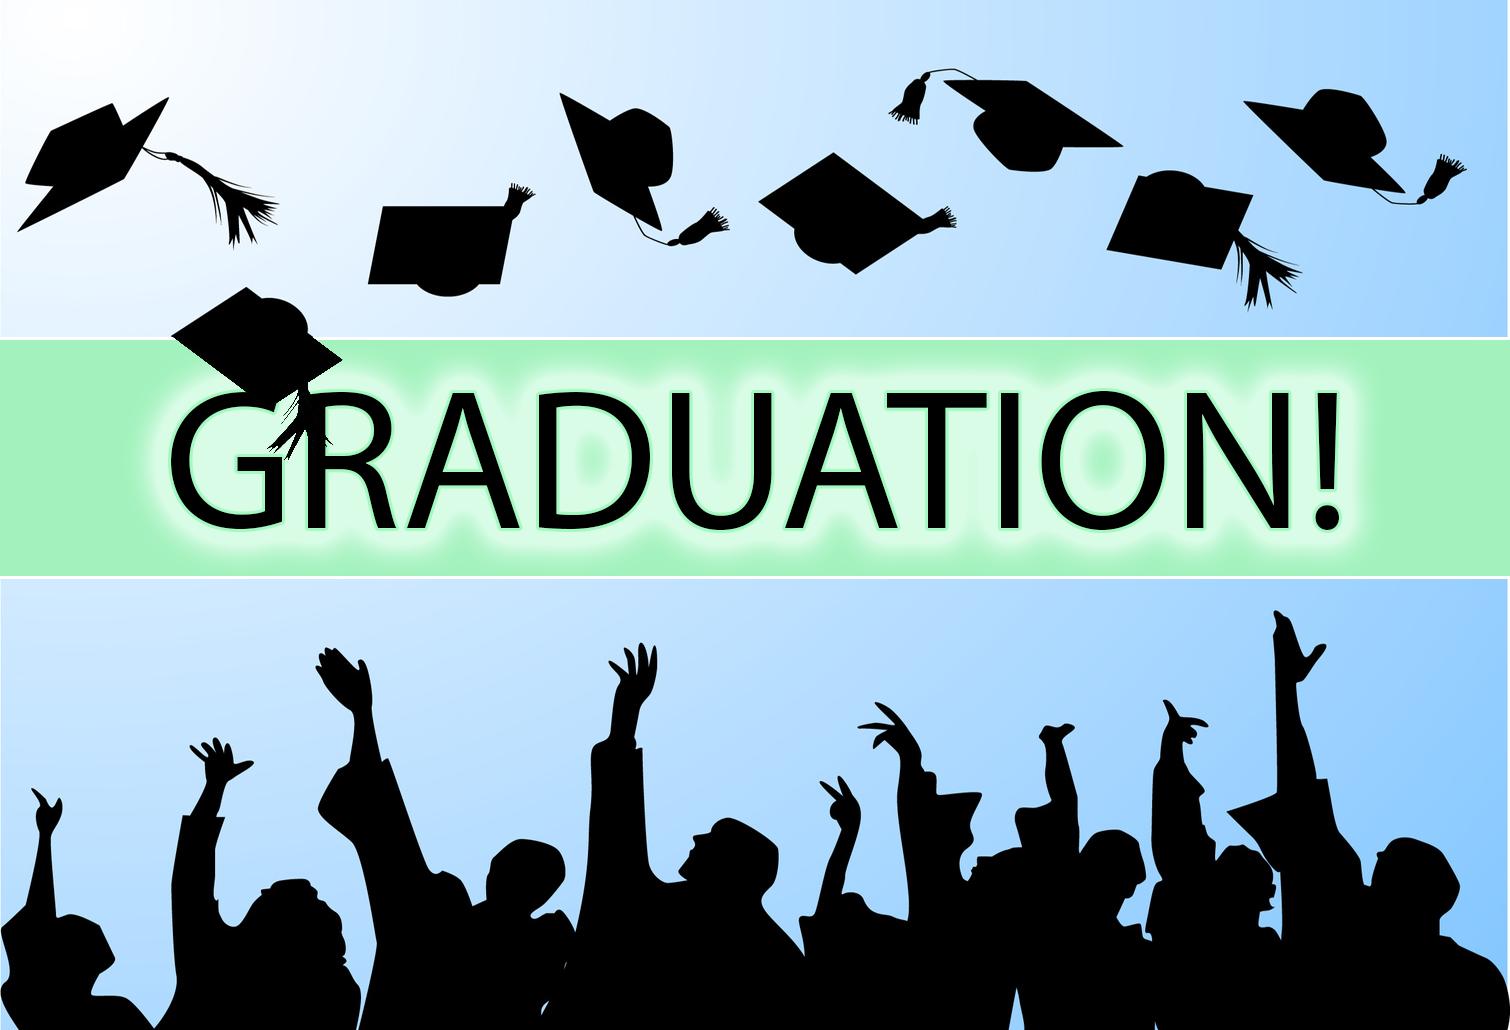 Graduation, May 27th, 2017, 10am